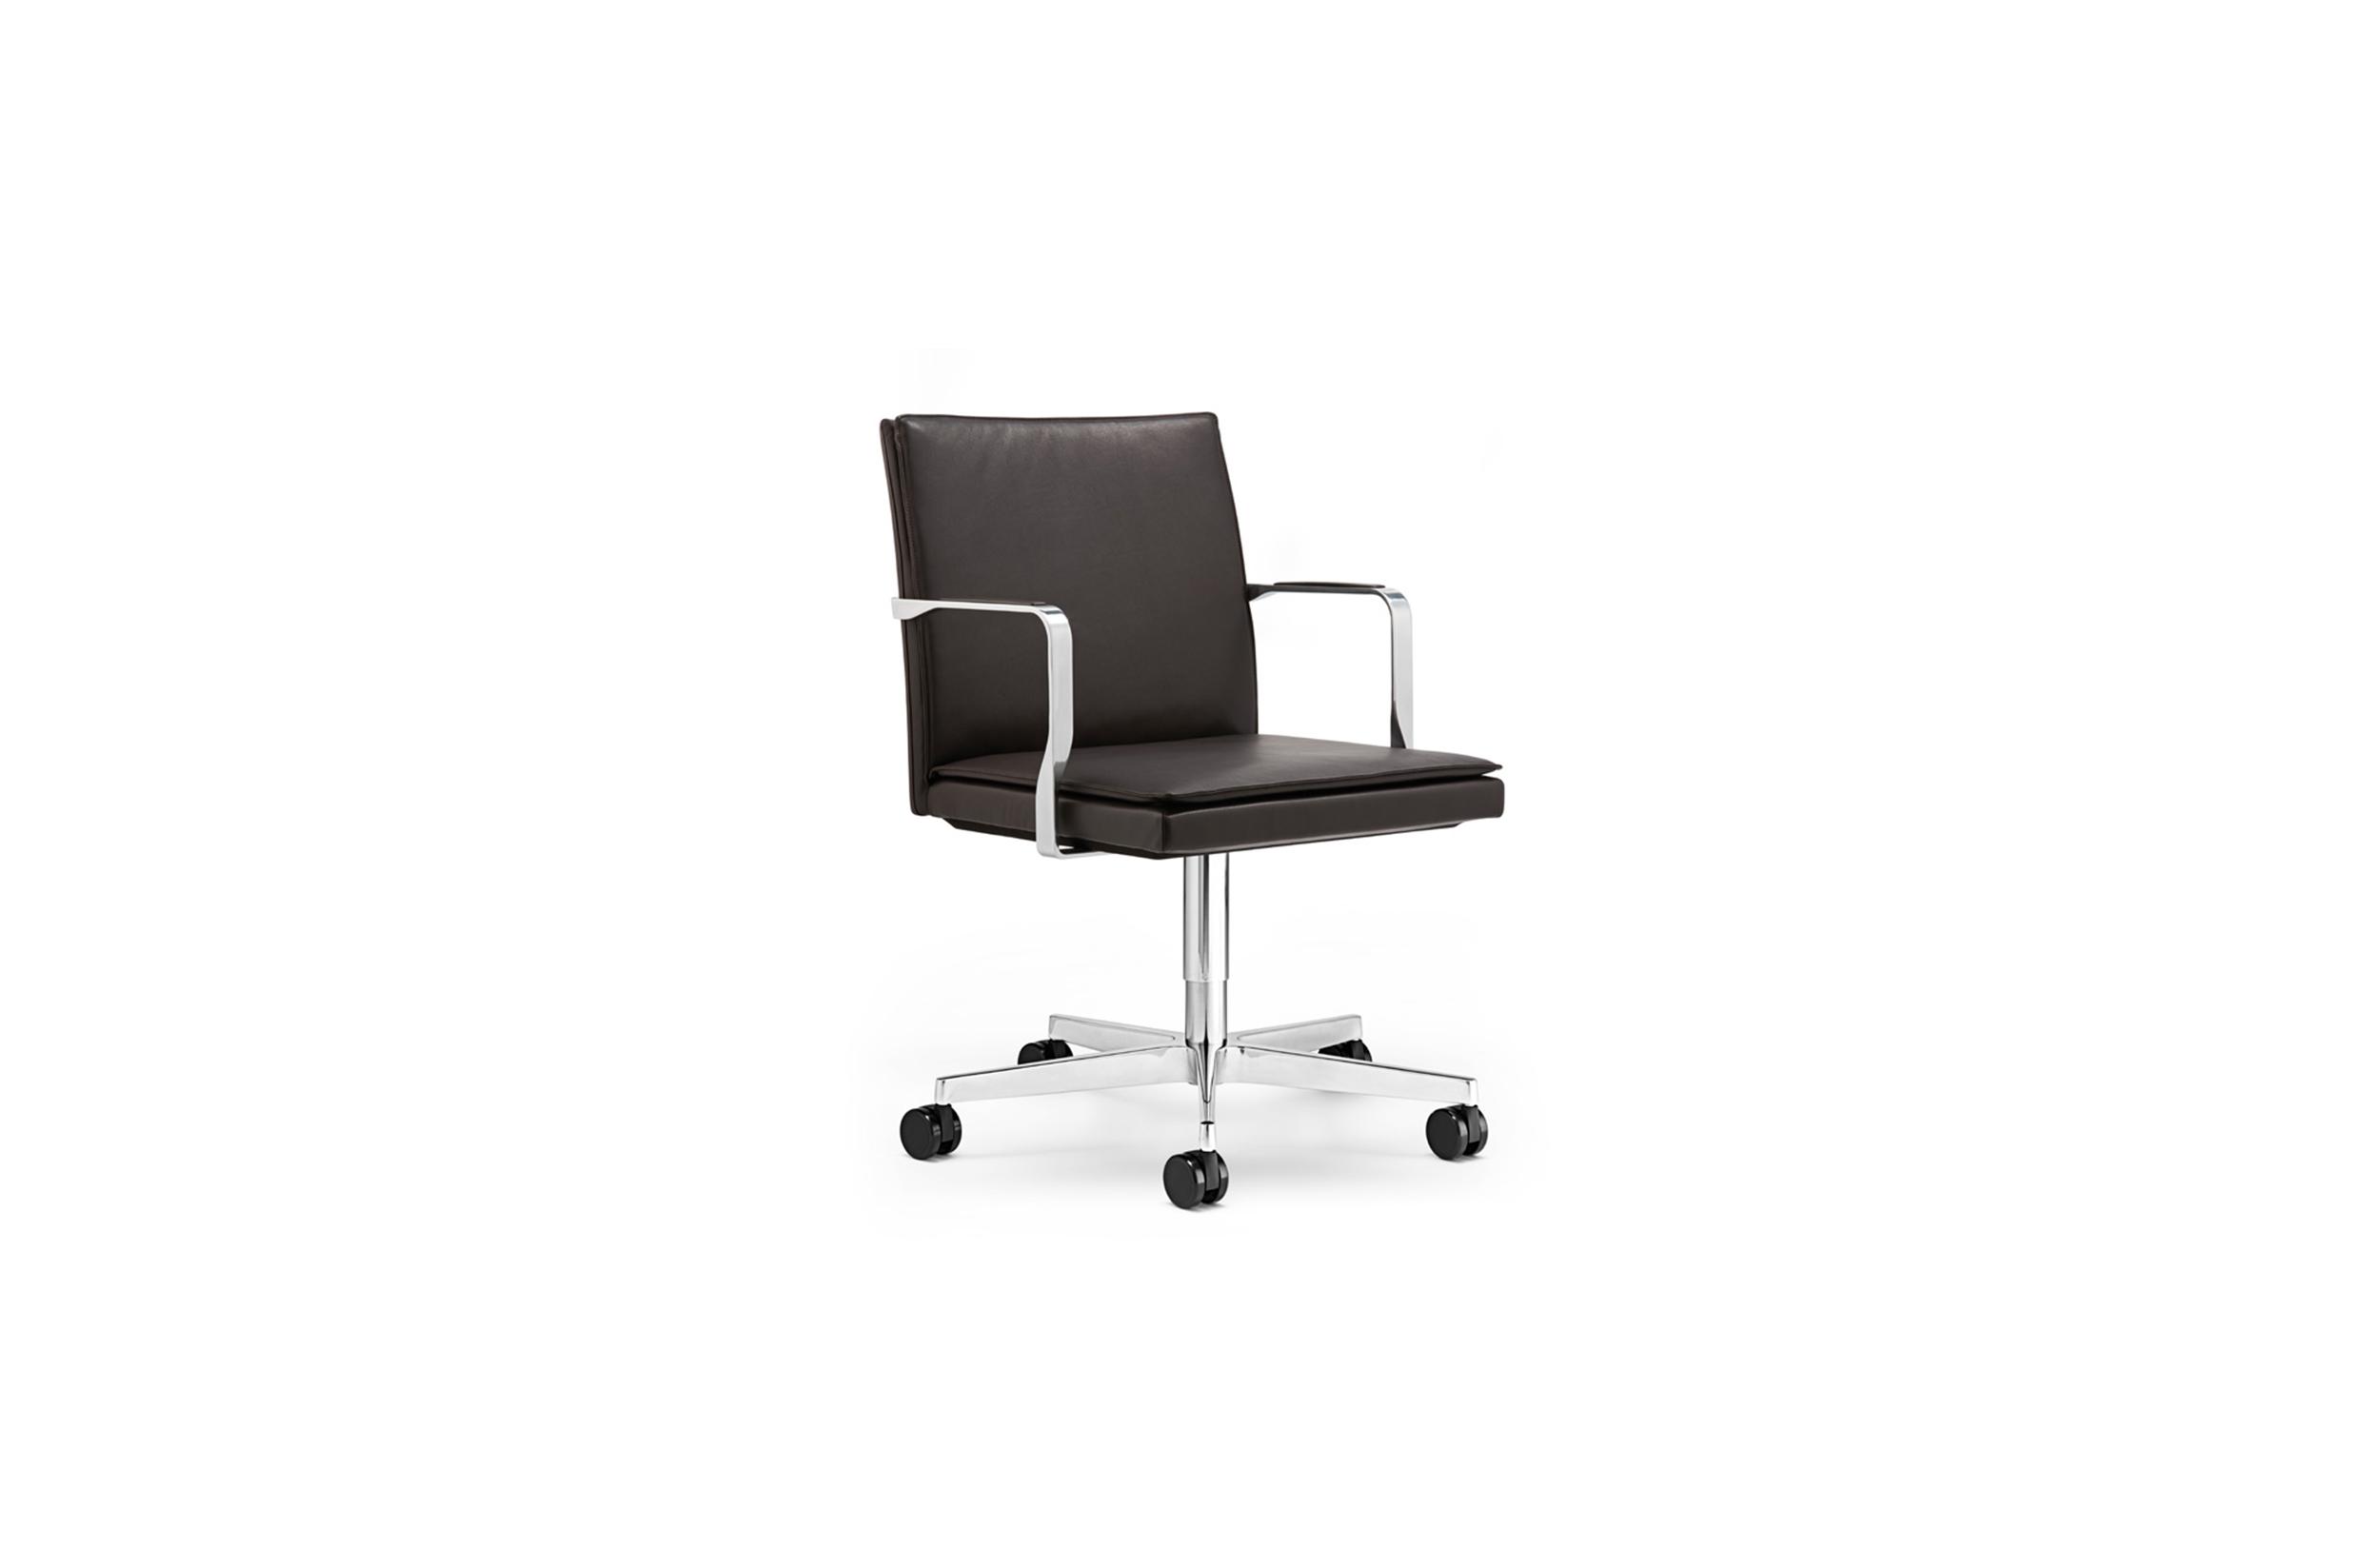 办公椅|职员椅|创意家具|现代家居|时尚家具|设计师家具|定制家具|实木家具|乔治职员椅